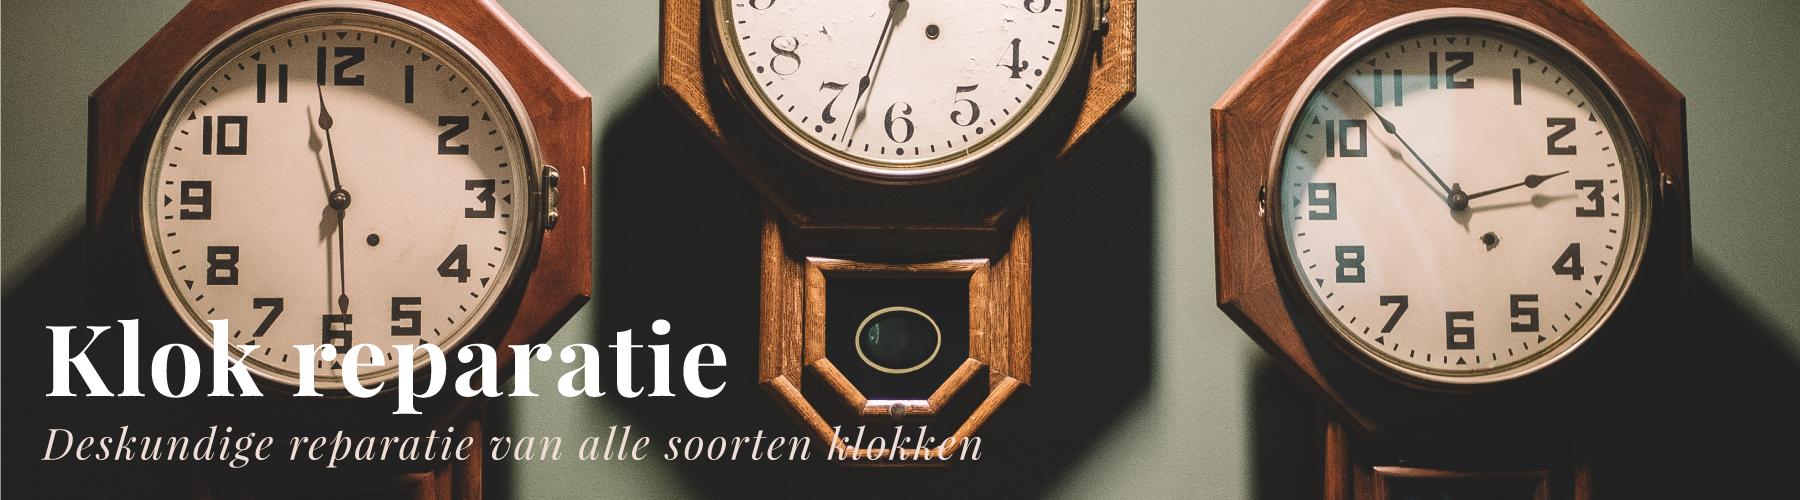 klok-reparatie-deskunidge-reparatie-van-klokken-bij-Wolters-Juweleirs-Coevorden-Emmen